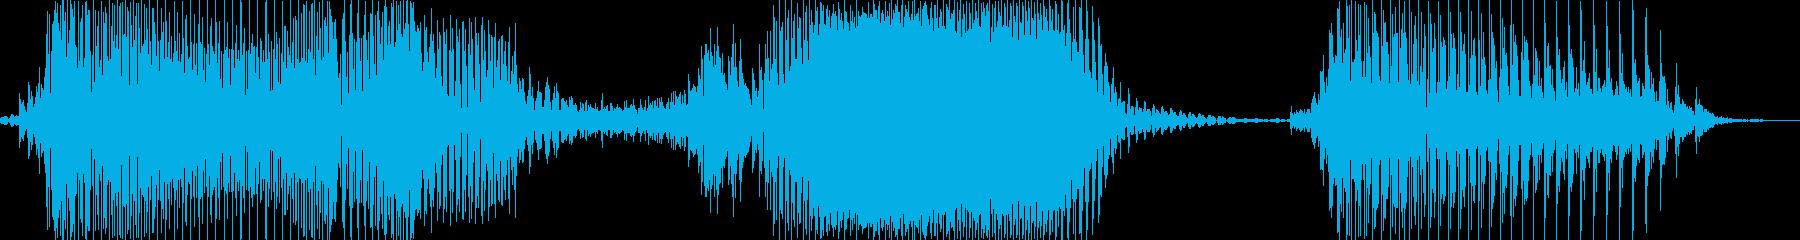 大正解!の再生済みの波形